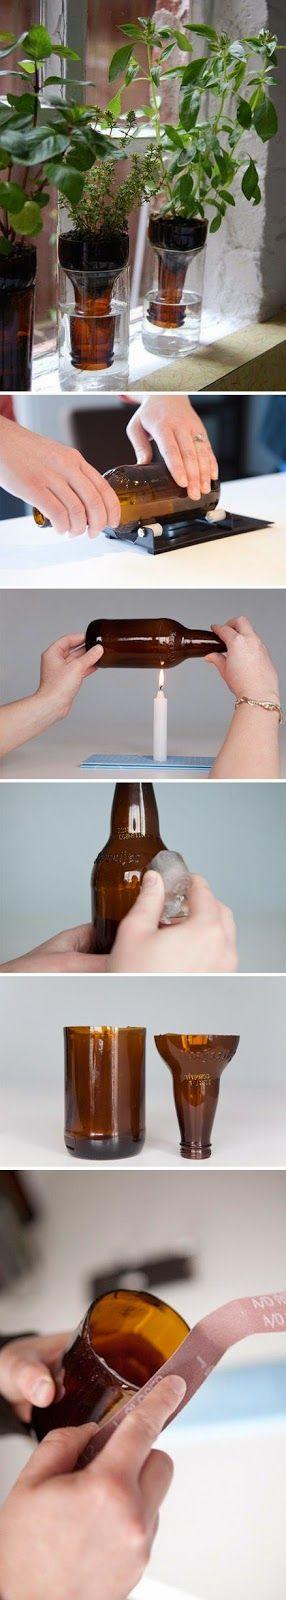 vaso-autoinnaffiante-fai-da-te-riciclare-una-bottiglia-di-vetro-diy-pot-bottle